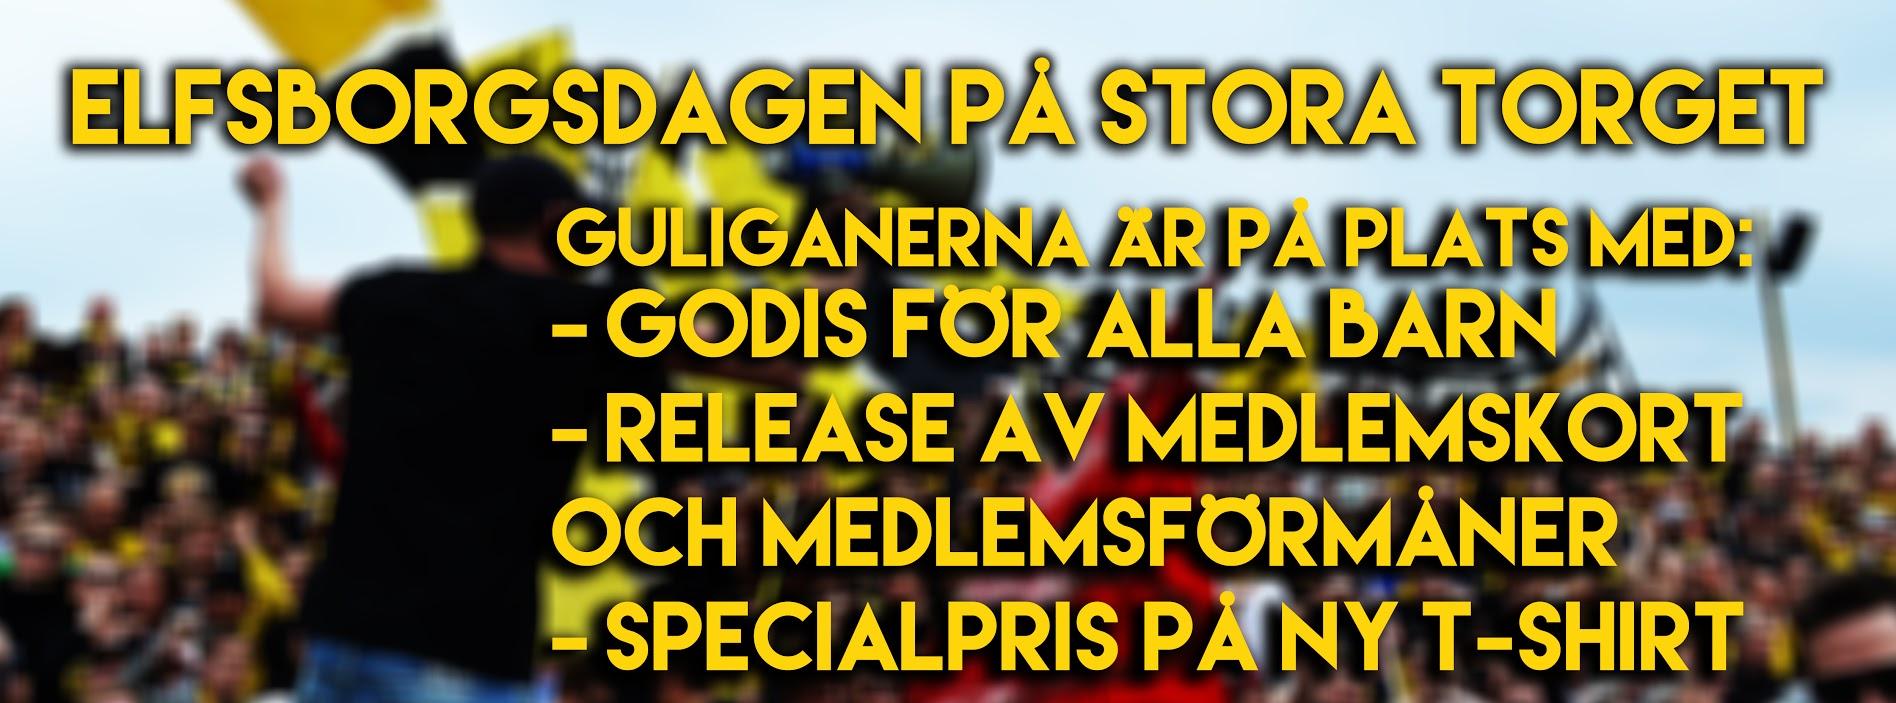 Elfsborgsdagen omslagsbild copy